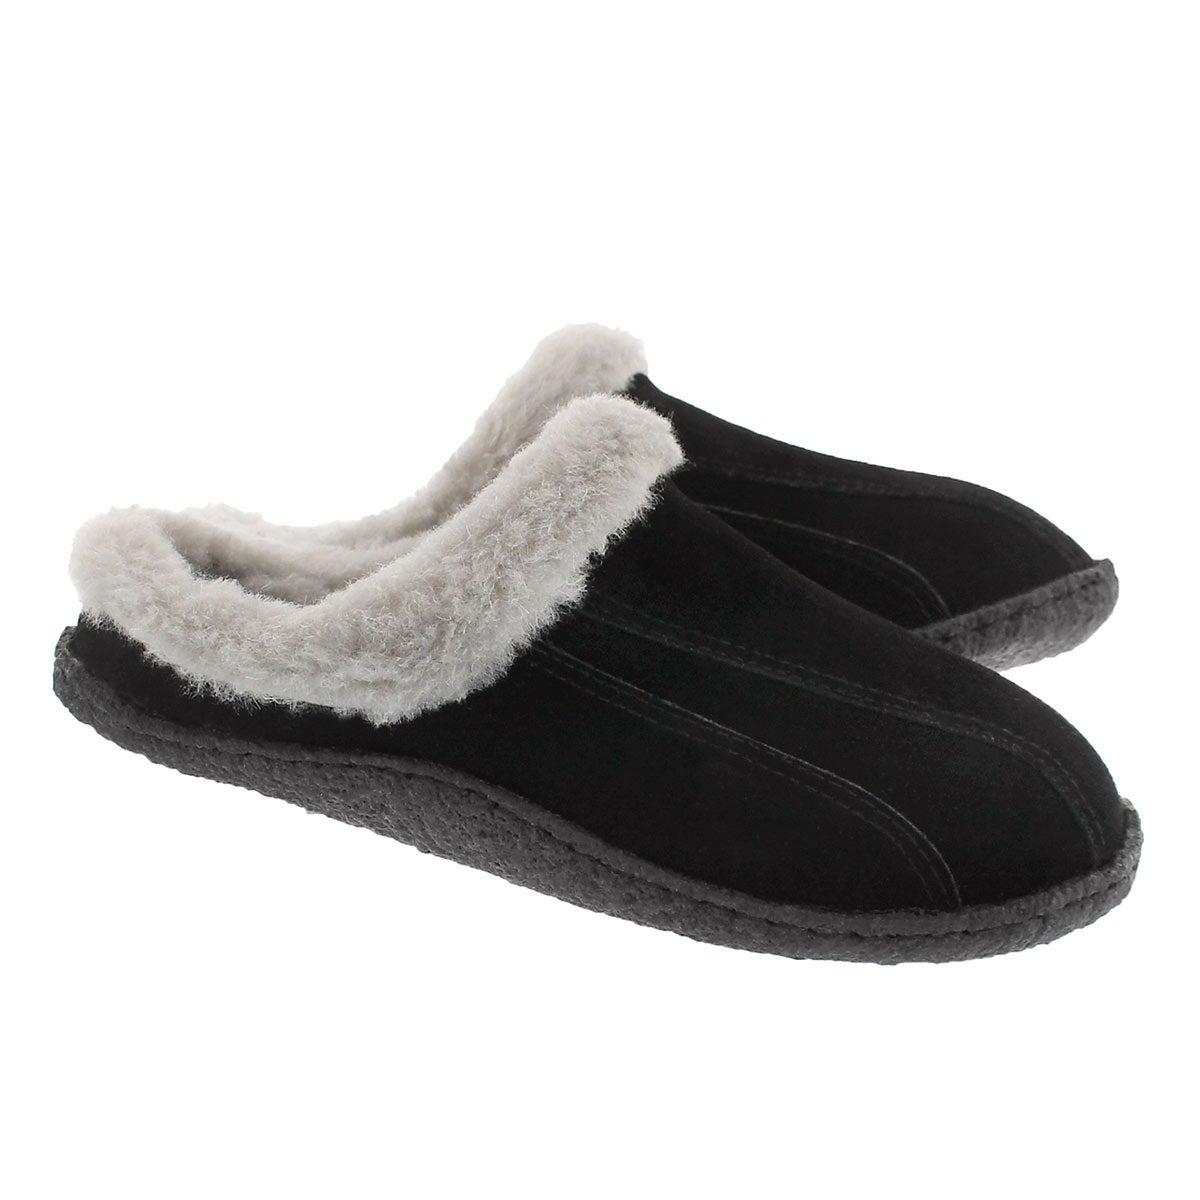 Lds Galaxie III bk/gry open back slipper